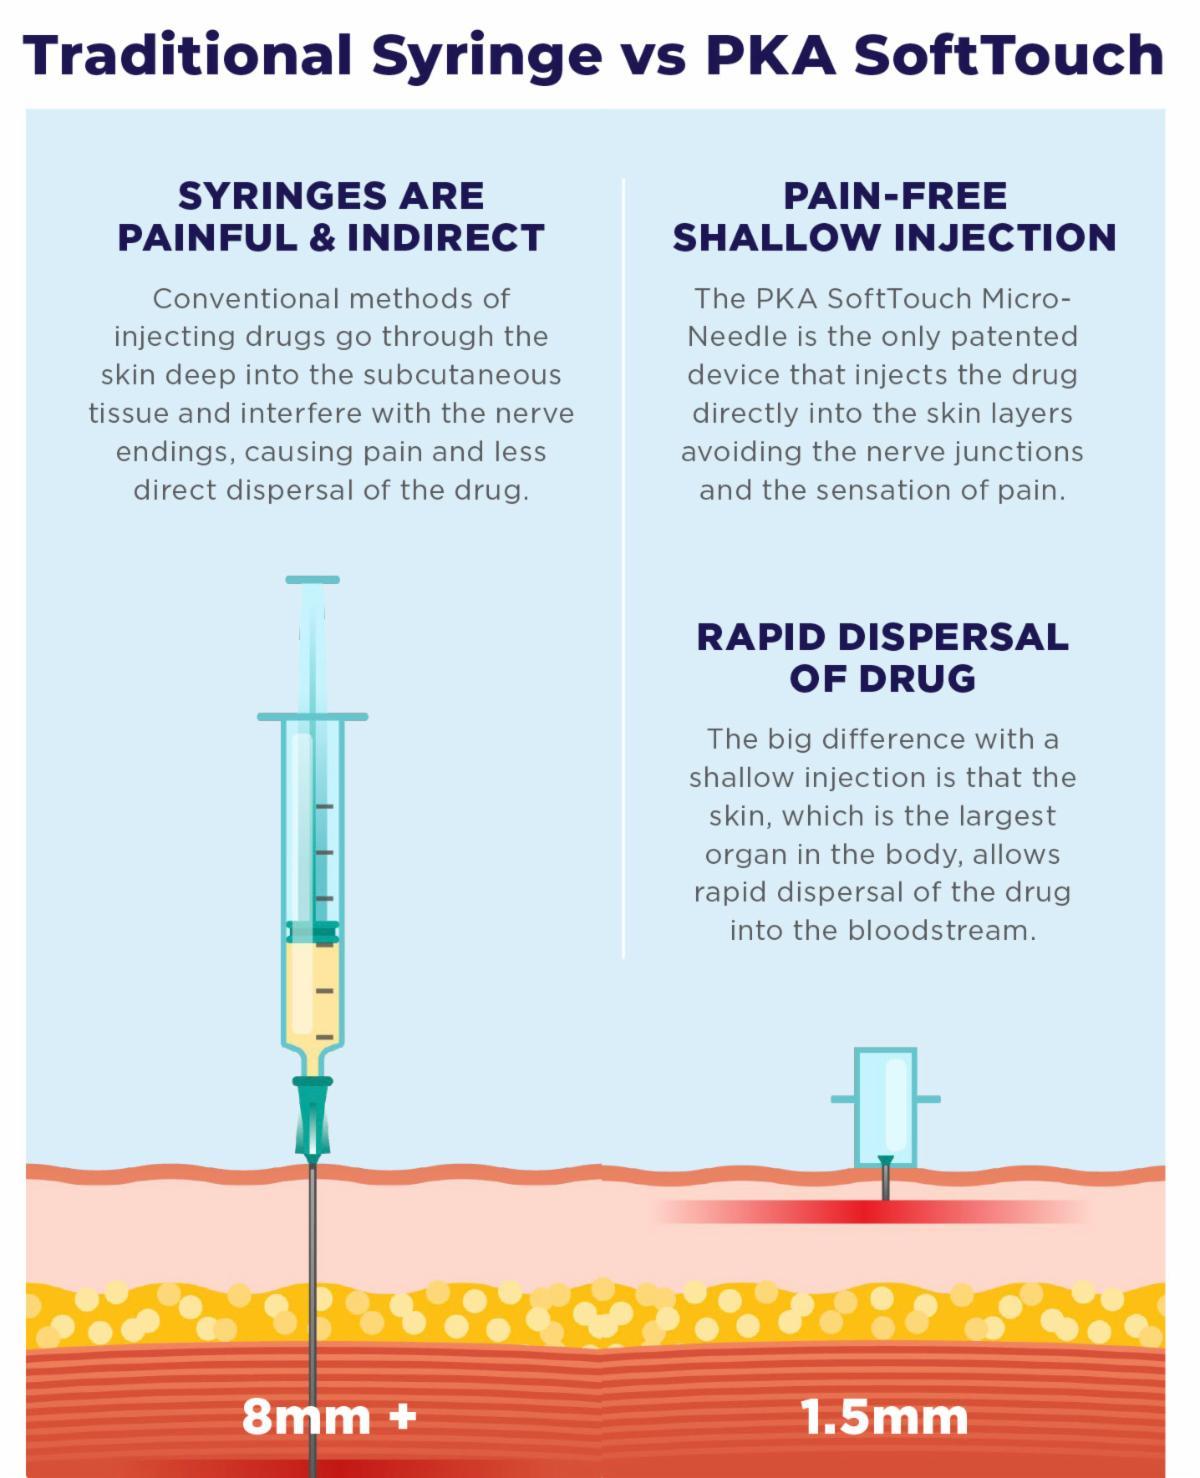 Traditional Syringe vs. PKA SoftTouch.jpg